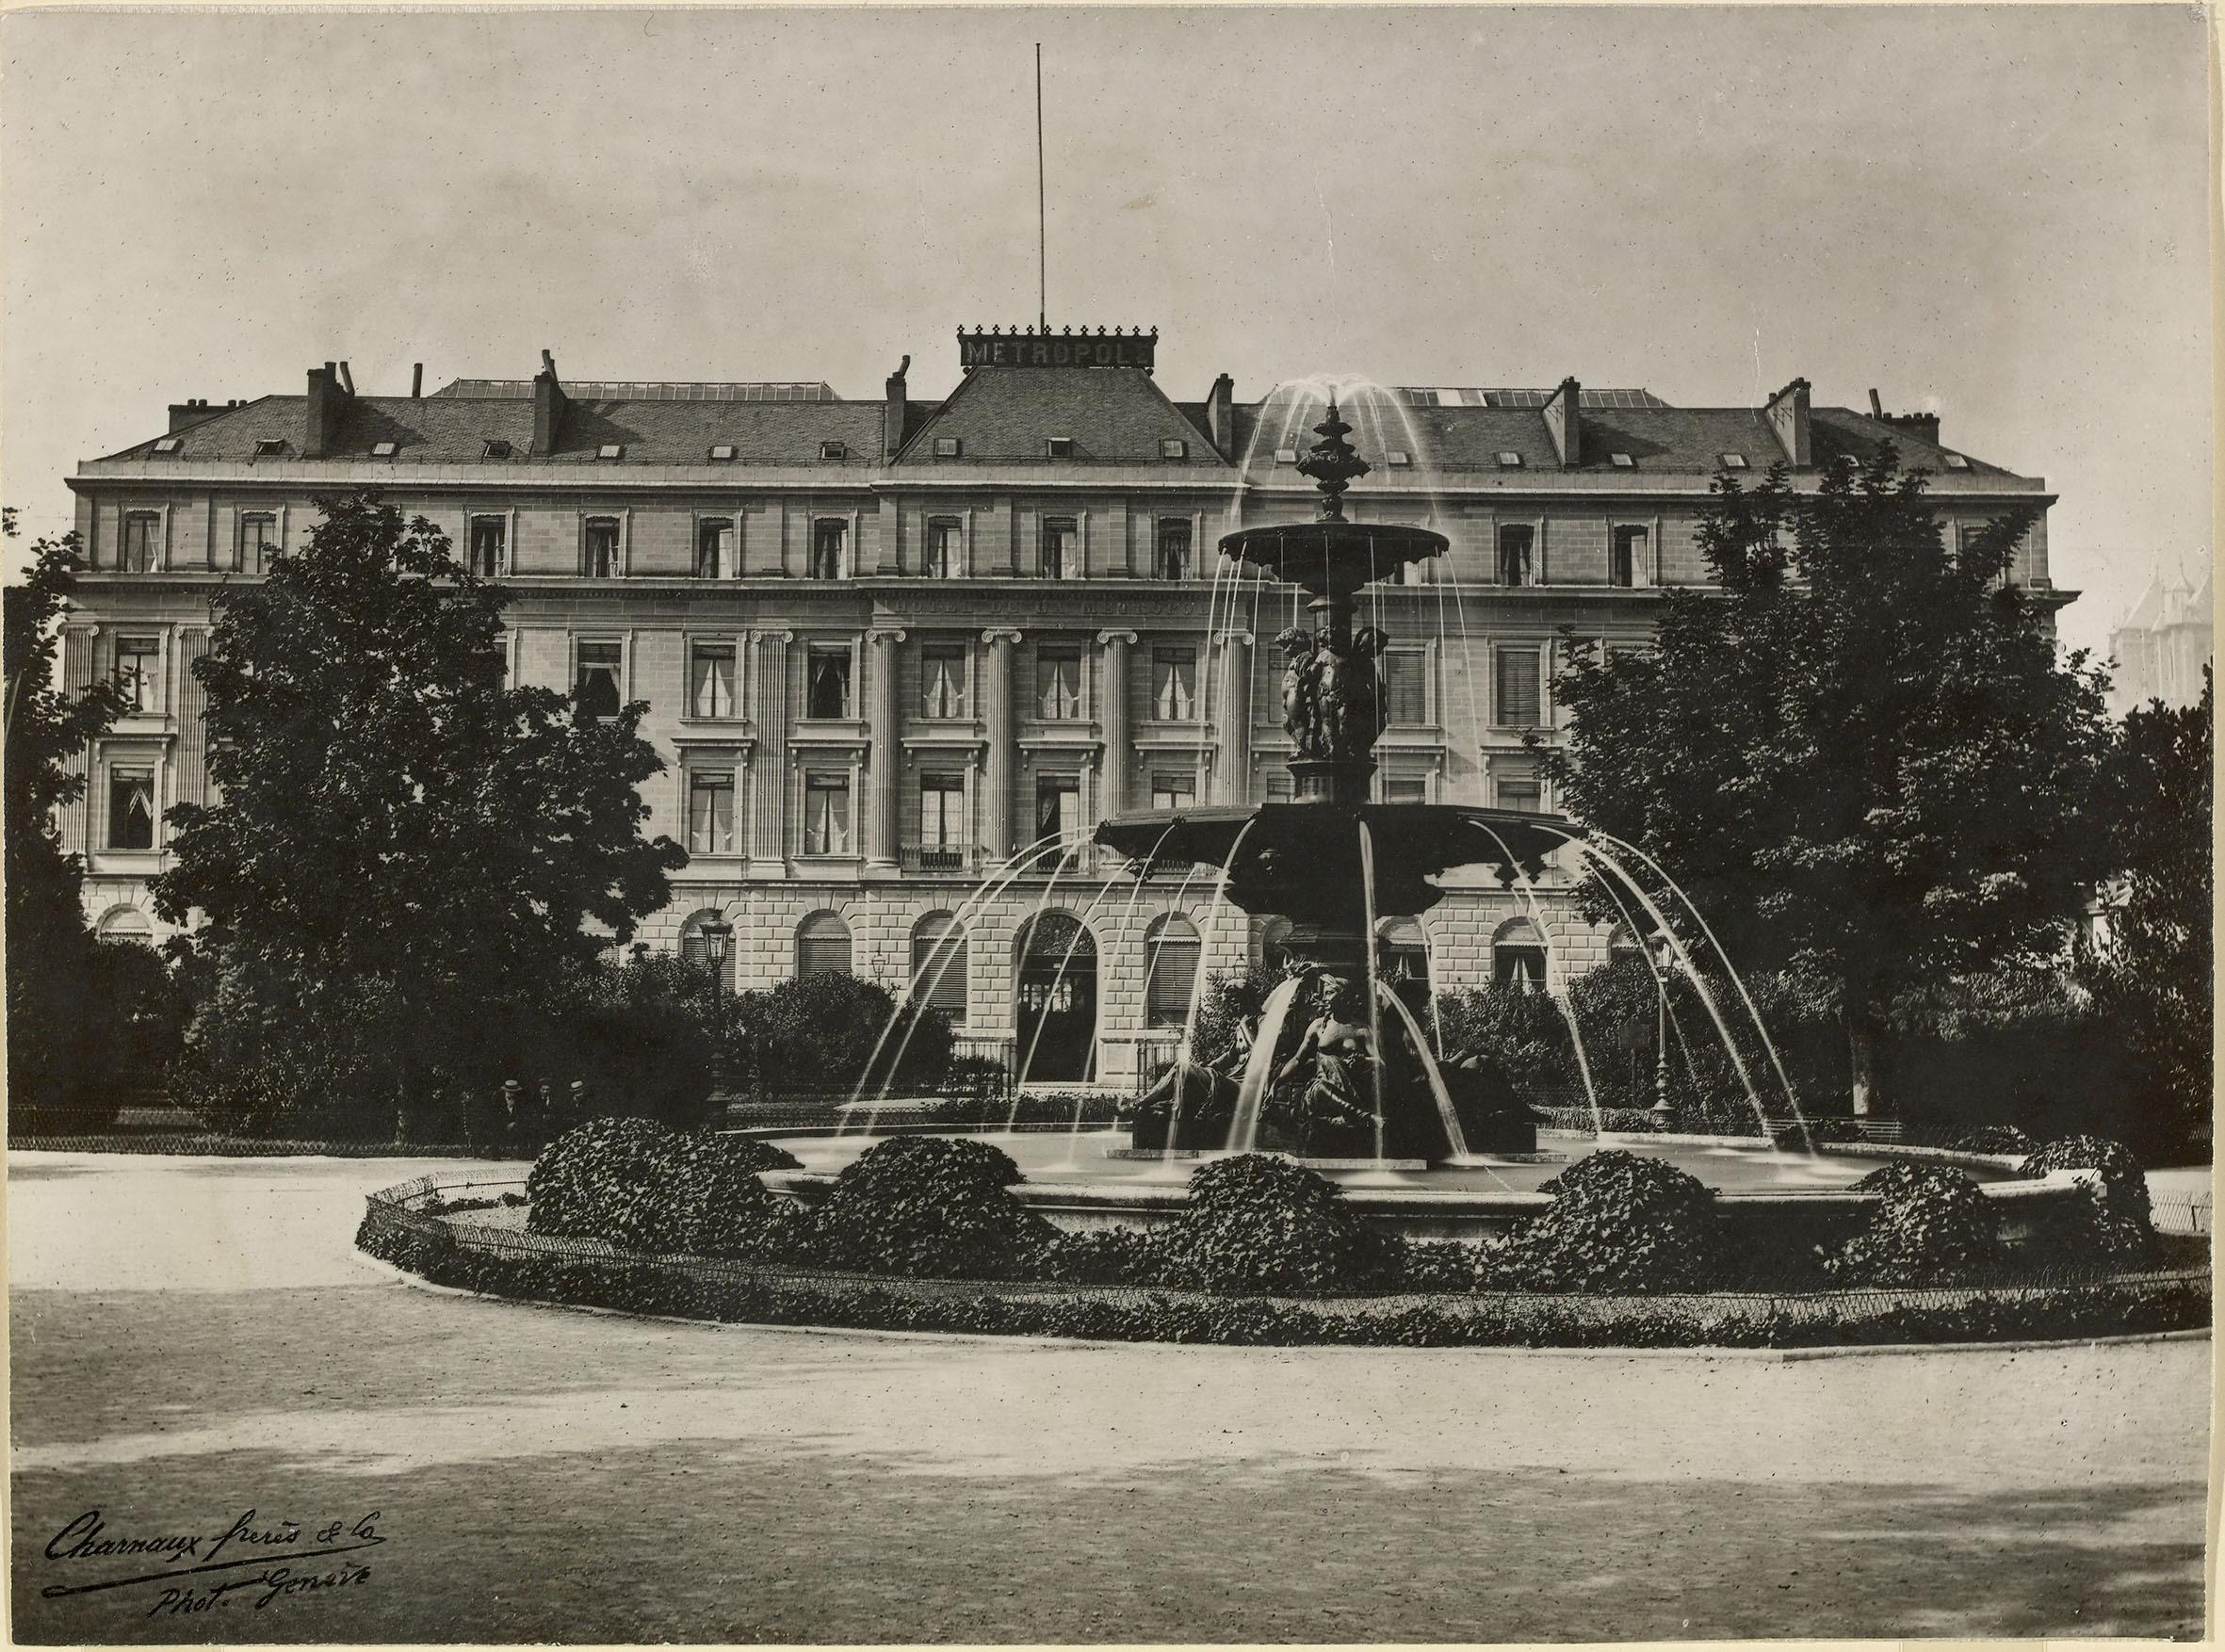 Genève, jardin Anglais: vue de la fontaine - Notre Histoire